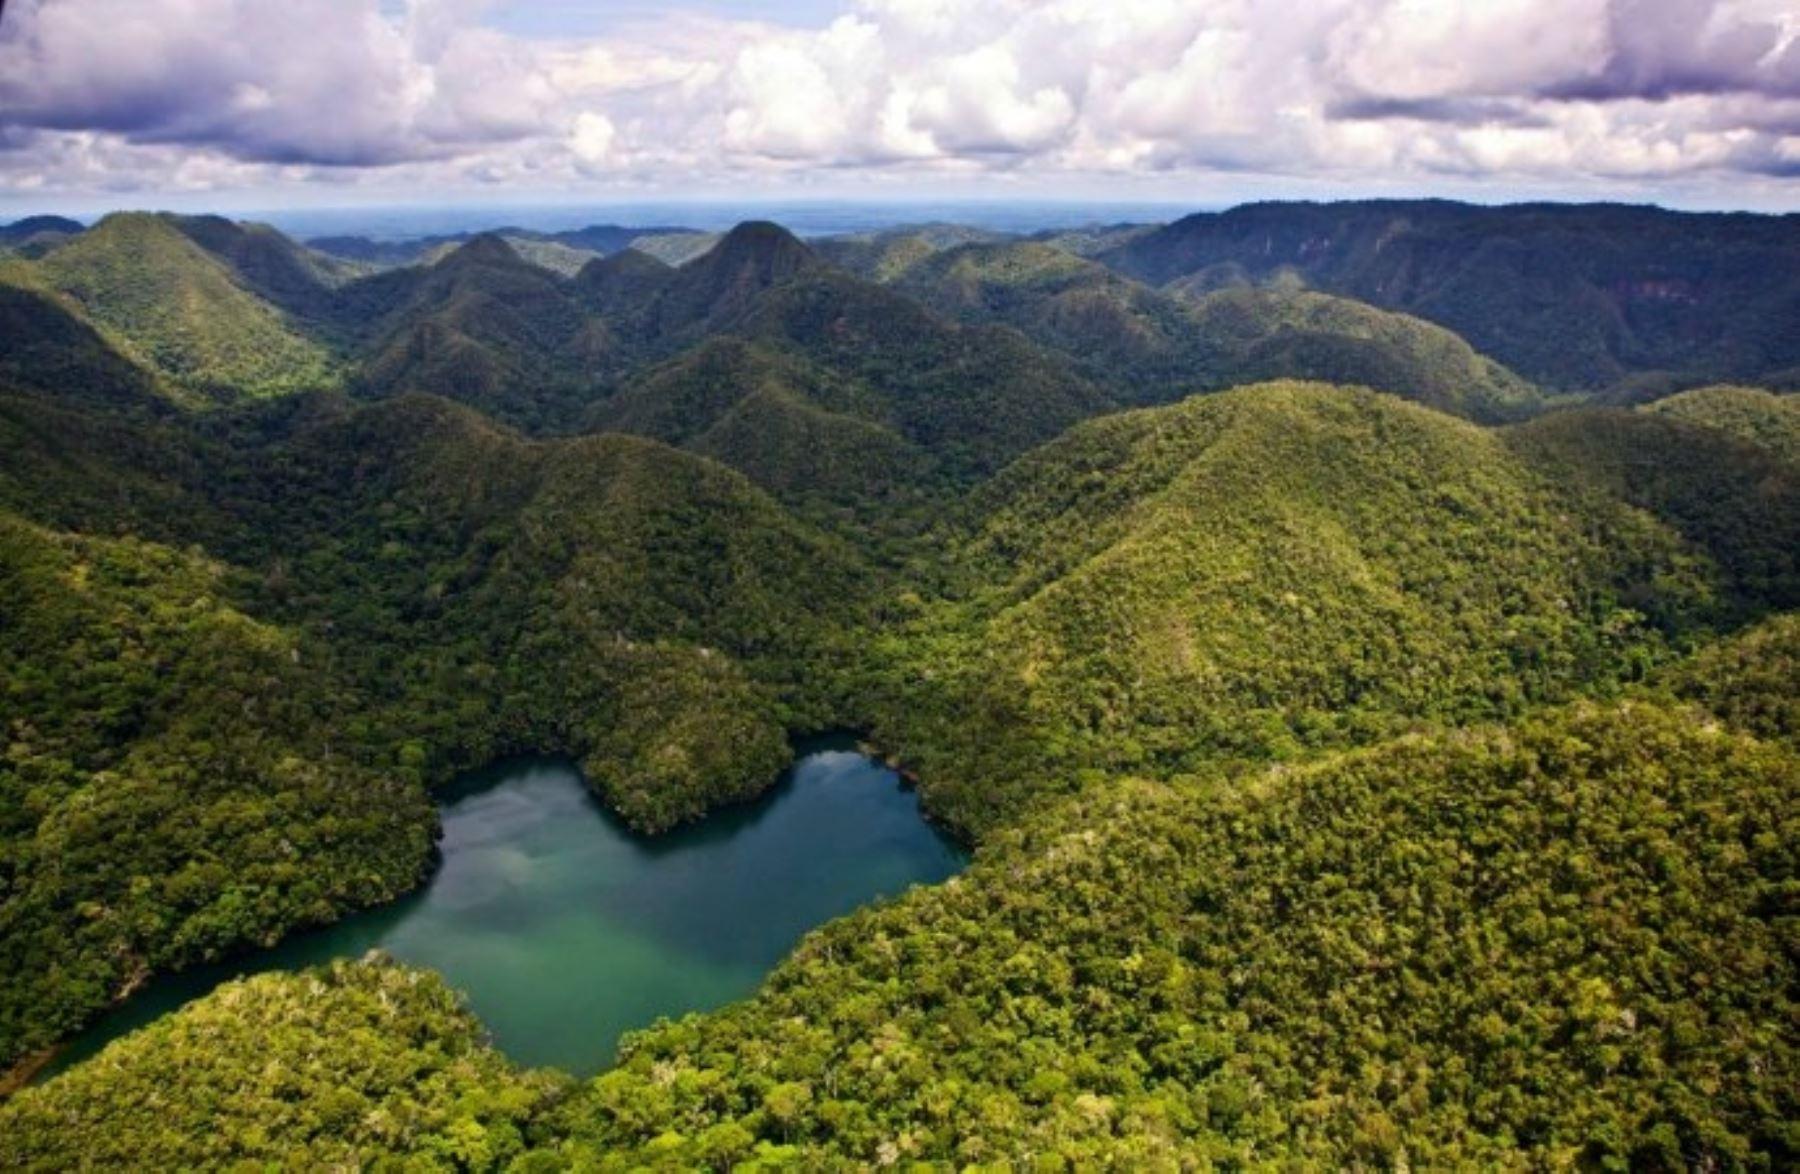 Los servicios ecosistémicos forestales de almacenamiento de carbono (REDD +) en el Perú